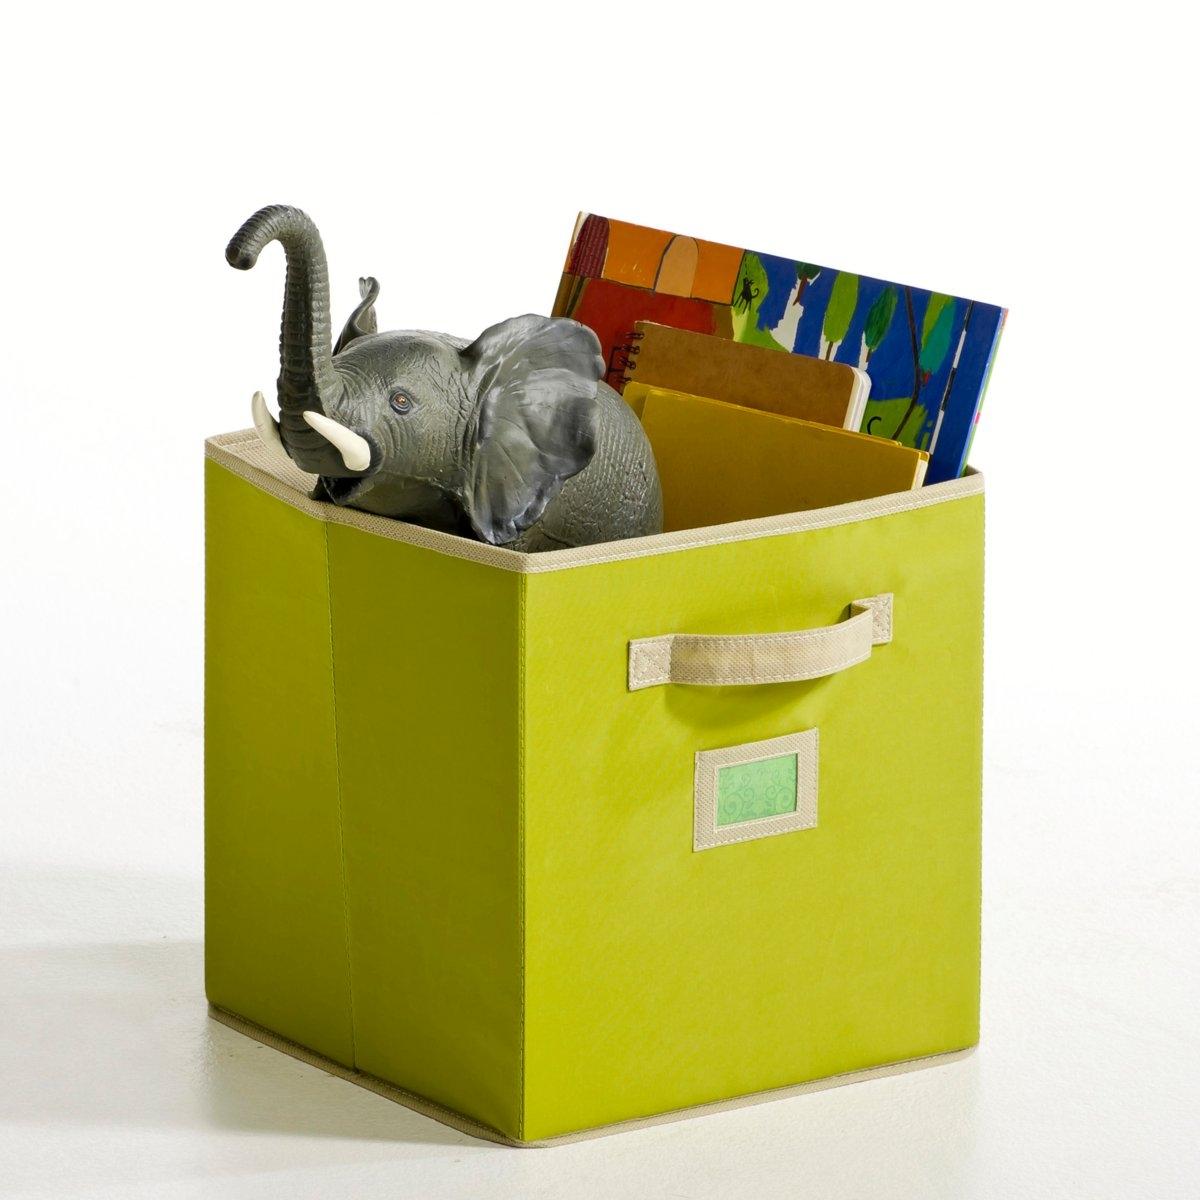 2 ящикаИгрушки и книги больше не валяются в беспорядке! Идеальное решение для порядка в комнате. 100% полиэстера. Размер: ширина 29 х высота 31 см х глубина 29 см. В комплекте 2 ящика одного цвета.<br><br>Цвет: зеленый,розовый,серо-коричневый,фиолетовый